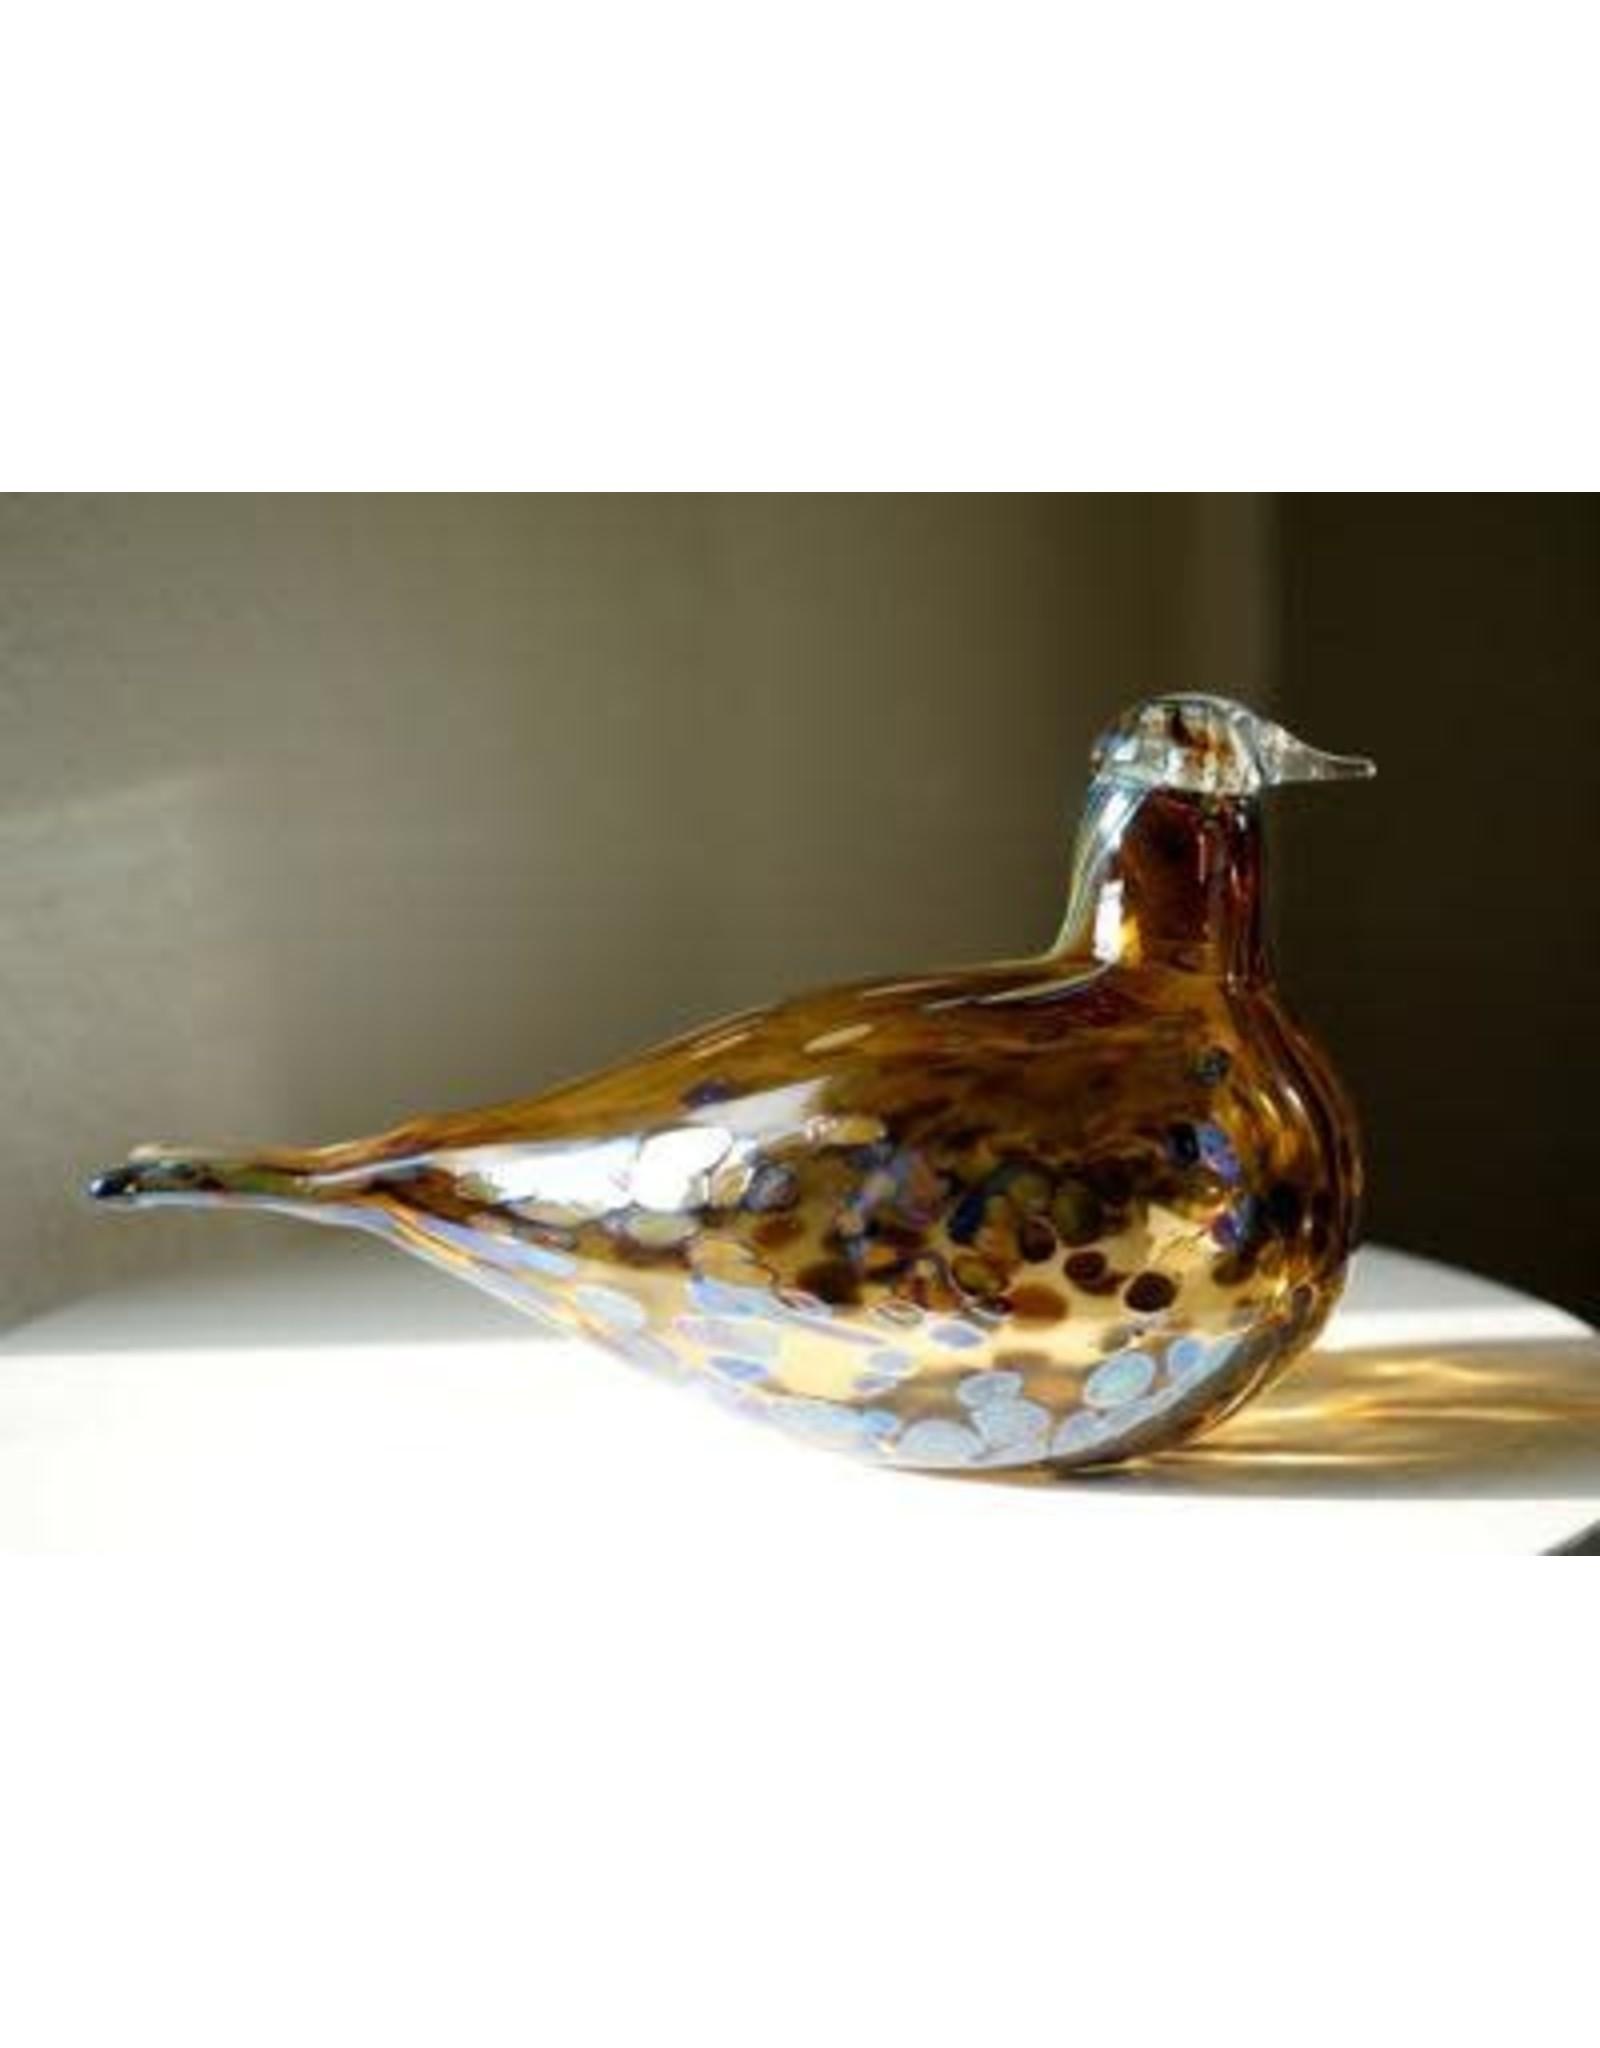 IITTALA BIRDS BY TOIKKA PEKKASIINI